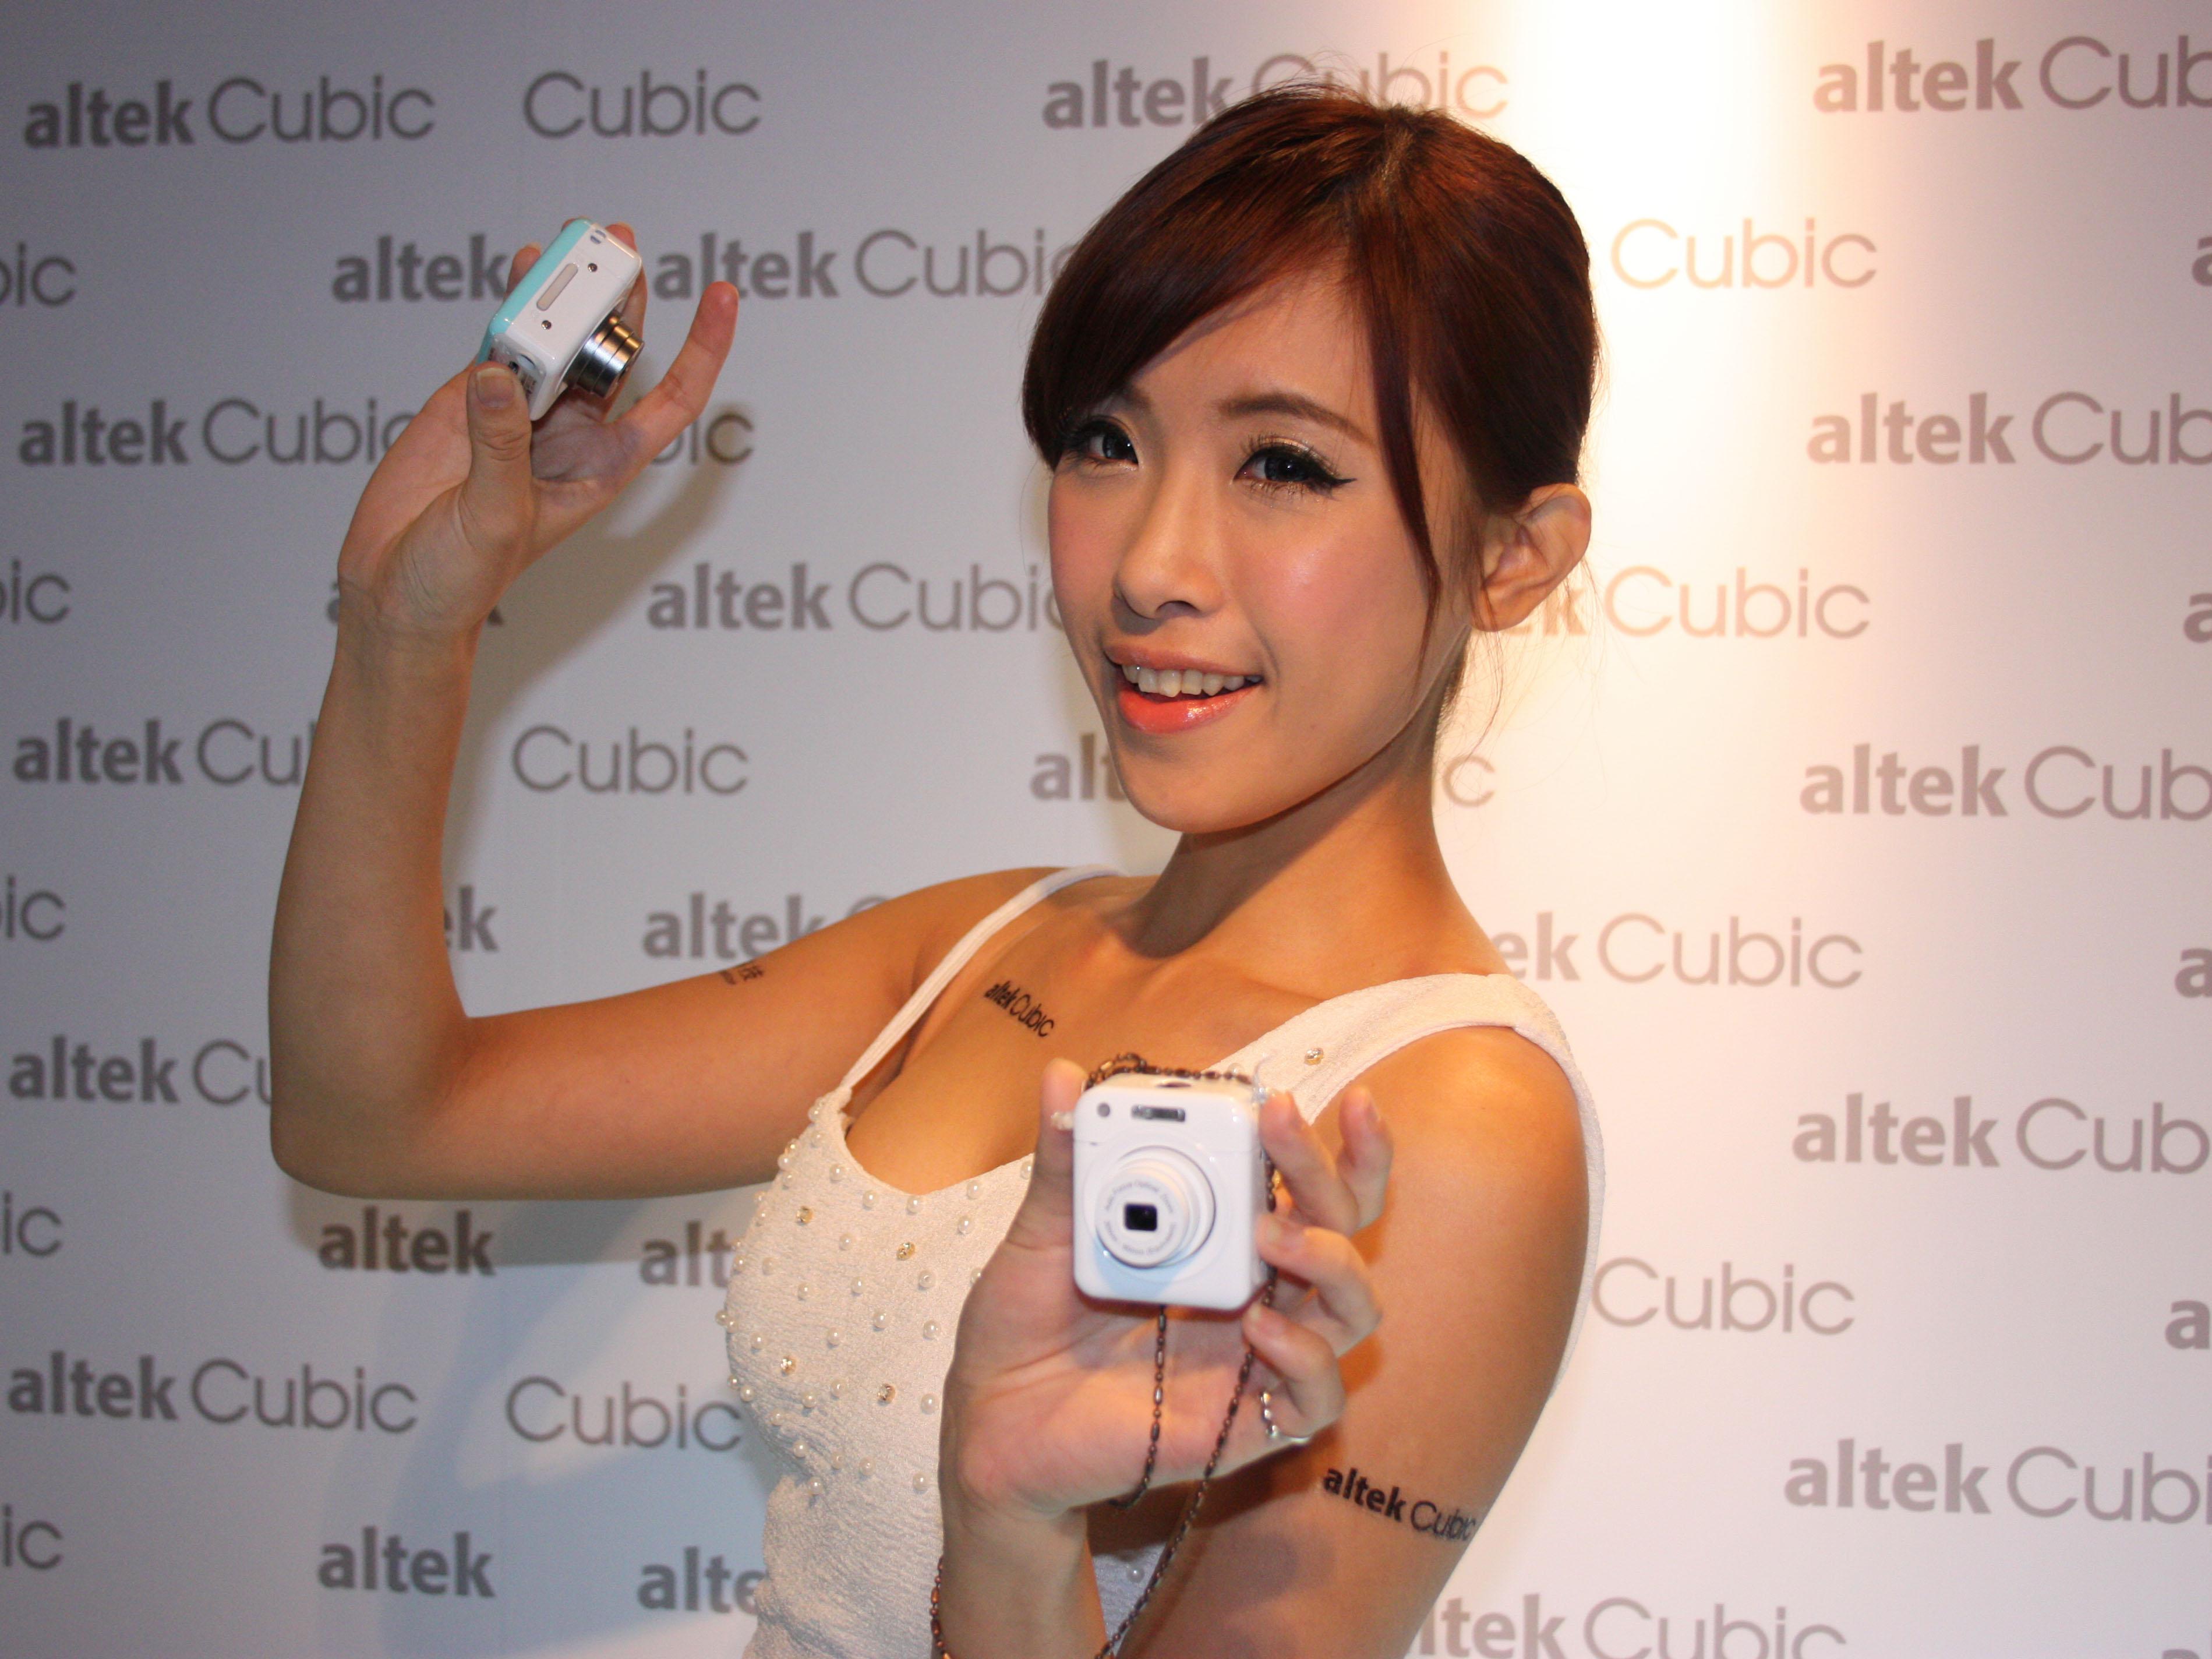 altek 推出小巧分離式相機 cubic ,建議售價 2980 元